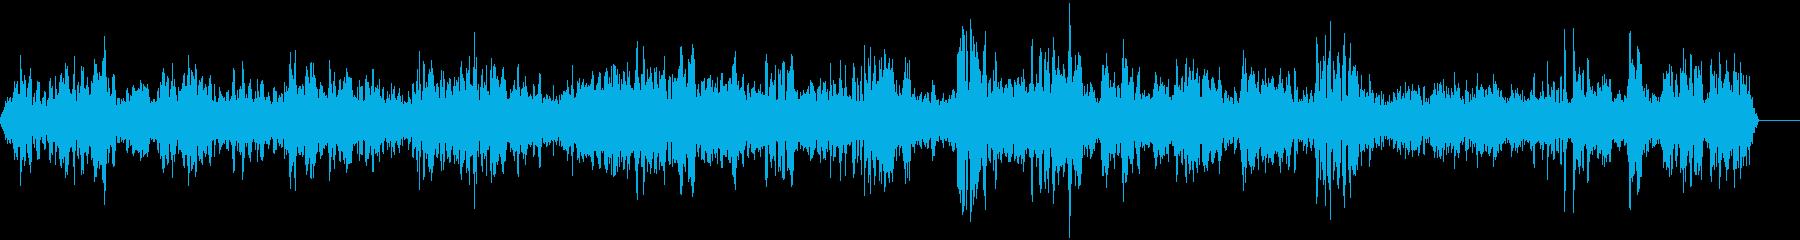 マーケット-ビジー-ボイス()-リ...の再生済みの波形